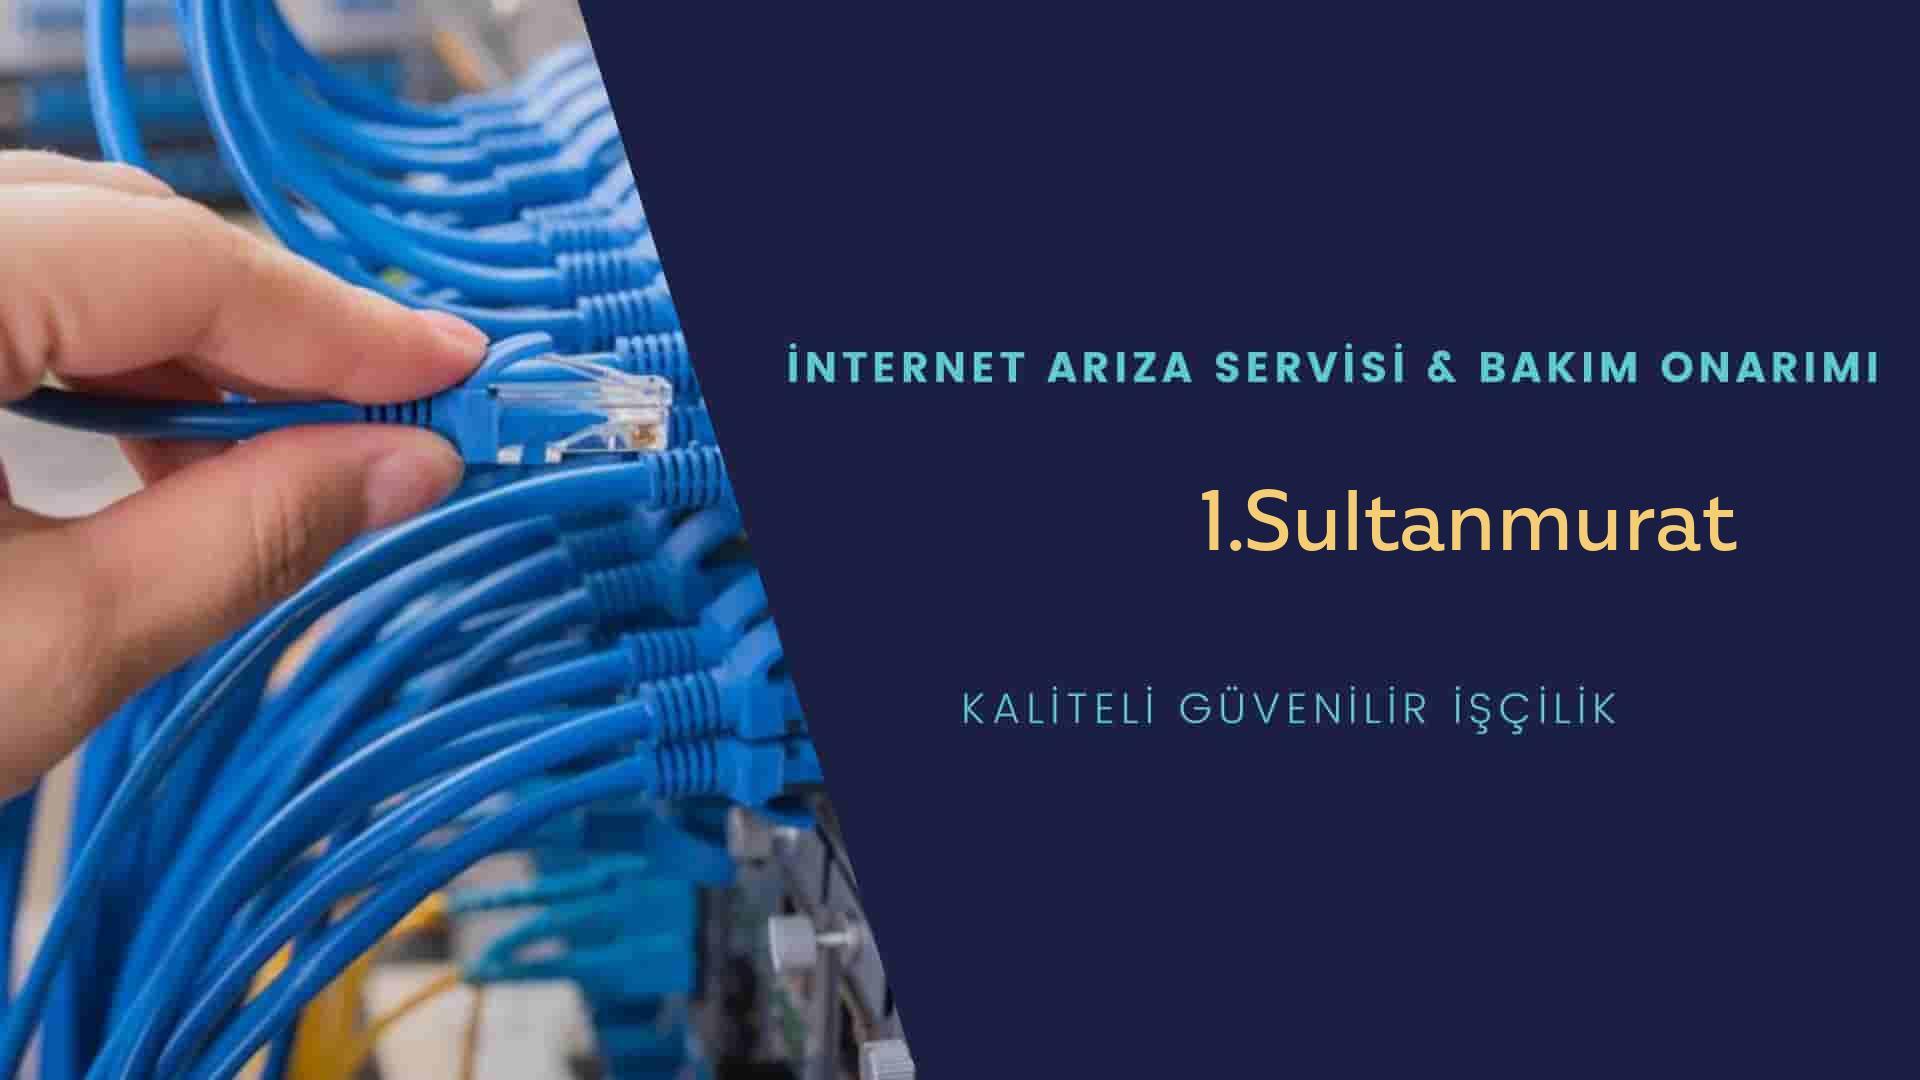 1.Sultanmurat  internet kablosu çekimi yapan yerler veya elektrikçiler mi? arıyorsunuz doğru yerdesiniz o zaman sizlere 7/24 yardımcı olacak profesyonel ustalarımız bir telefon kadar yakındır size.